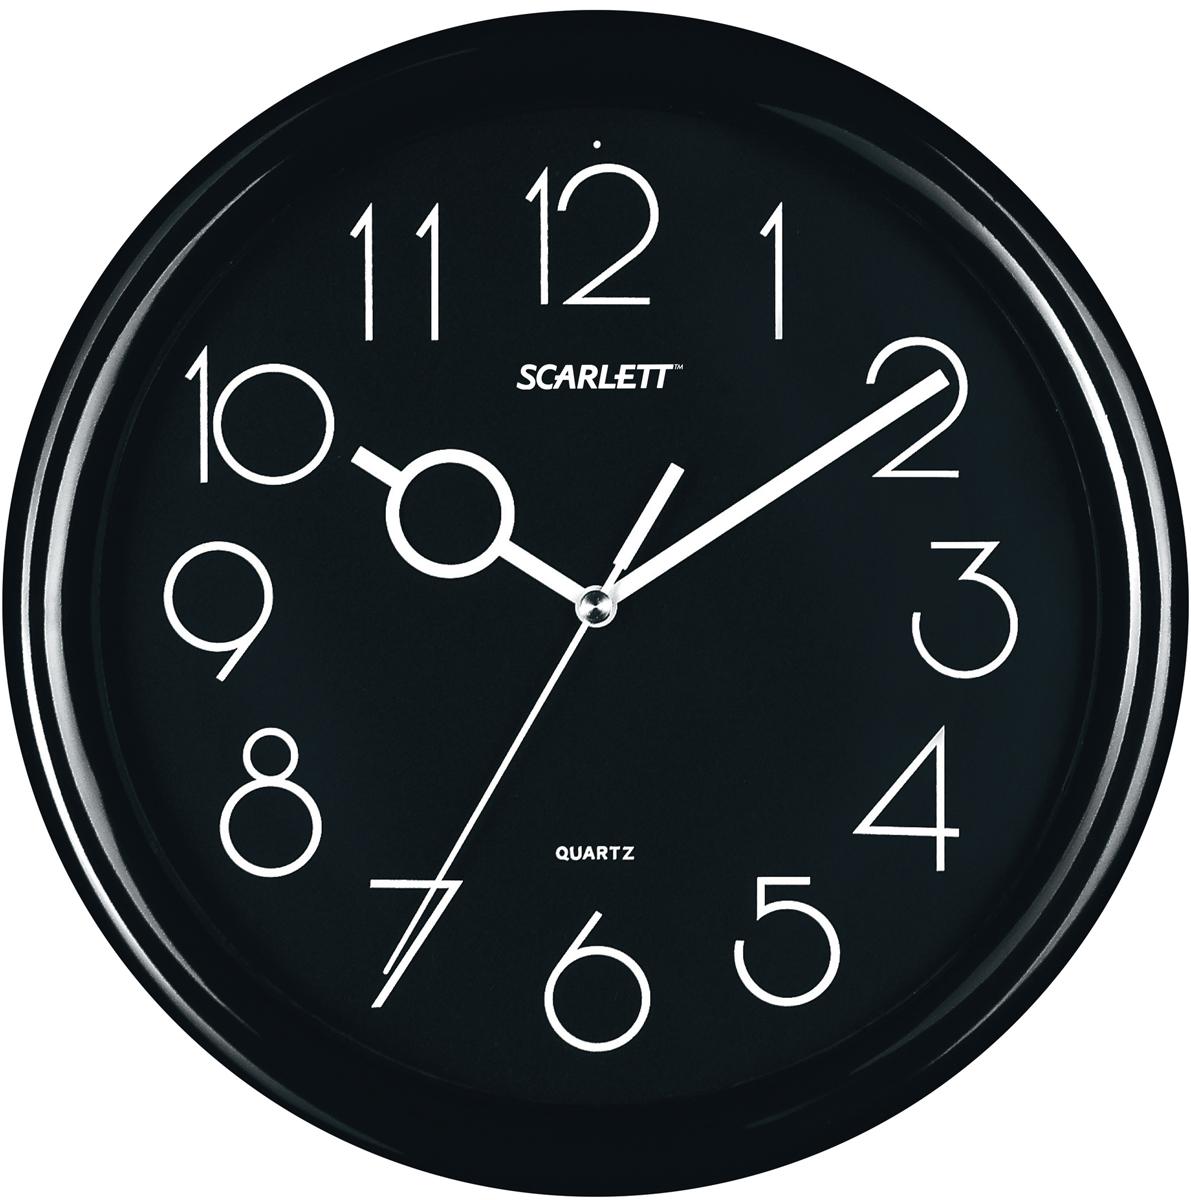 Scarlett SC-09B часы настенныеSC-09BНастенные кварцевые часы Scarlett SC-09D, изготовленные изпластика, прекрасно впишутся в интерьервашего дома. Круглые часы имеют три стрелки: часовую,минутную и секундную, циферблат защищен прозрачнымпластиком.Часы работают от 1 батарейки типа АА напряжением 1,5 В(батарейка в комплект не входит).